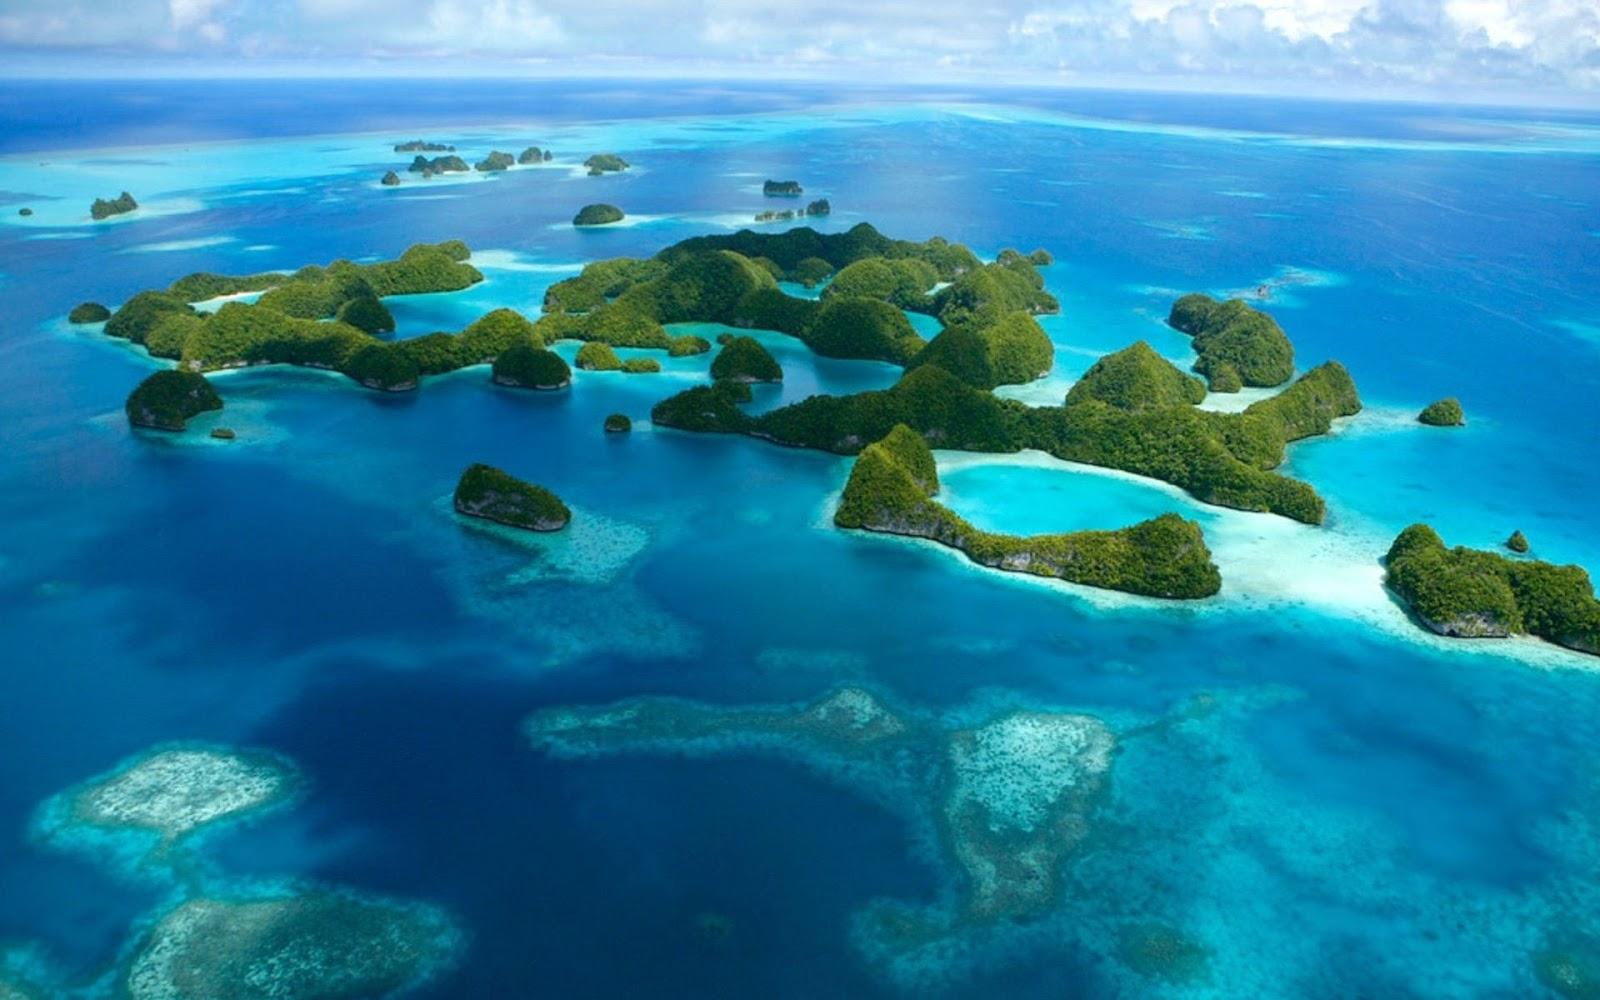 У берегов какого континента галапагосские острова